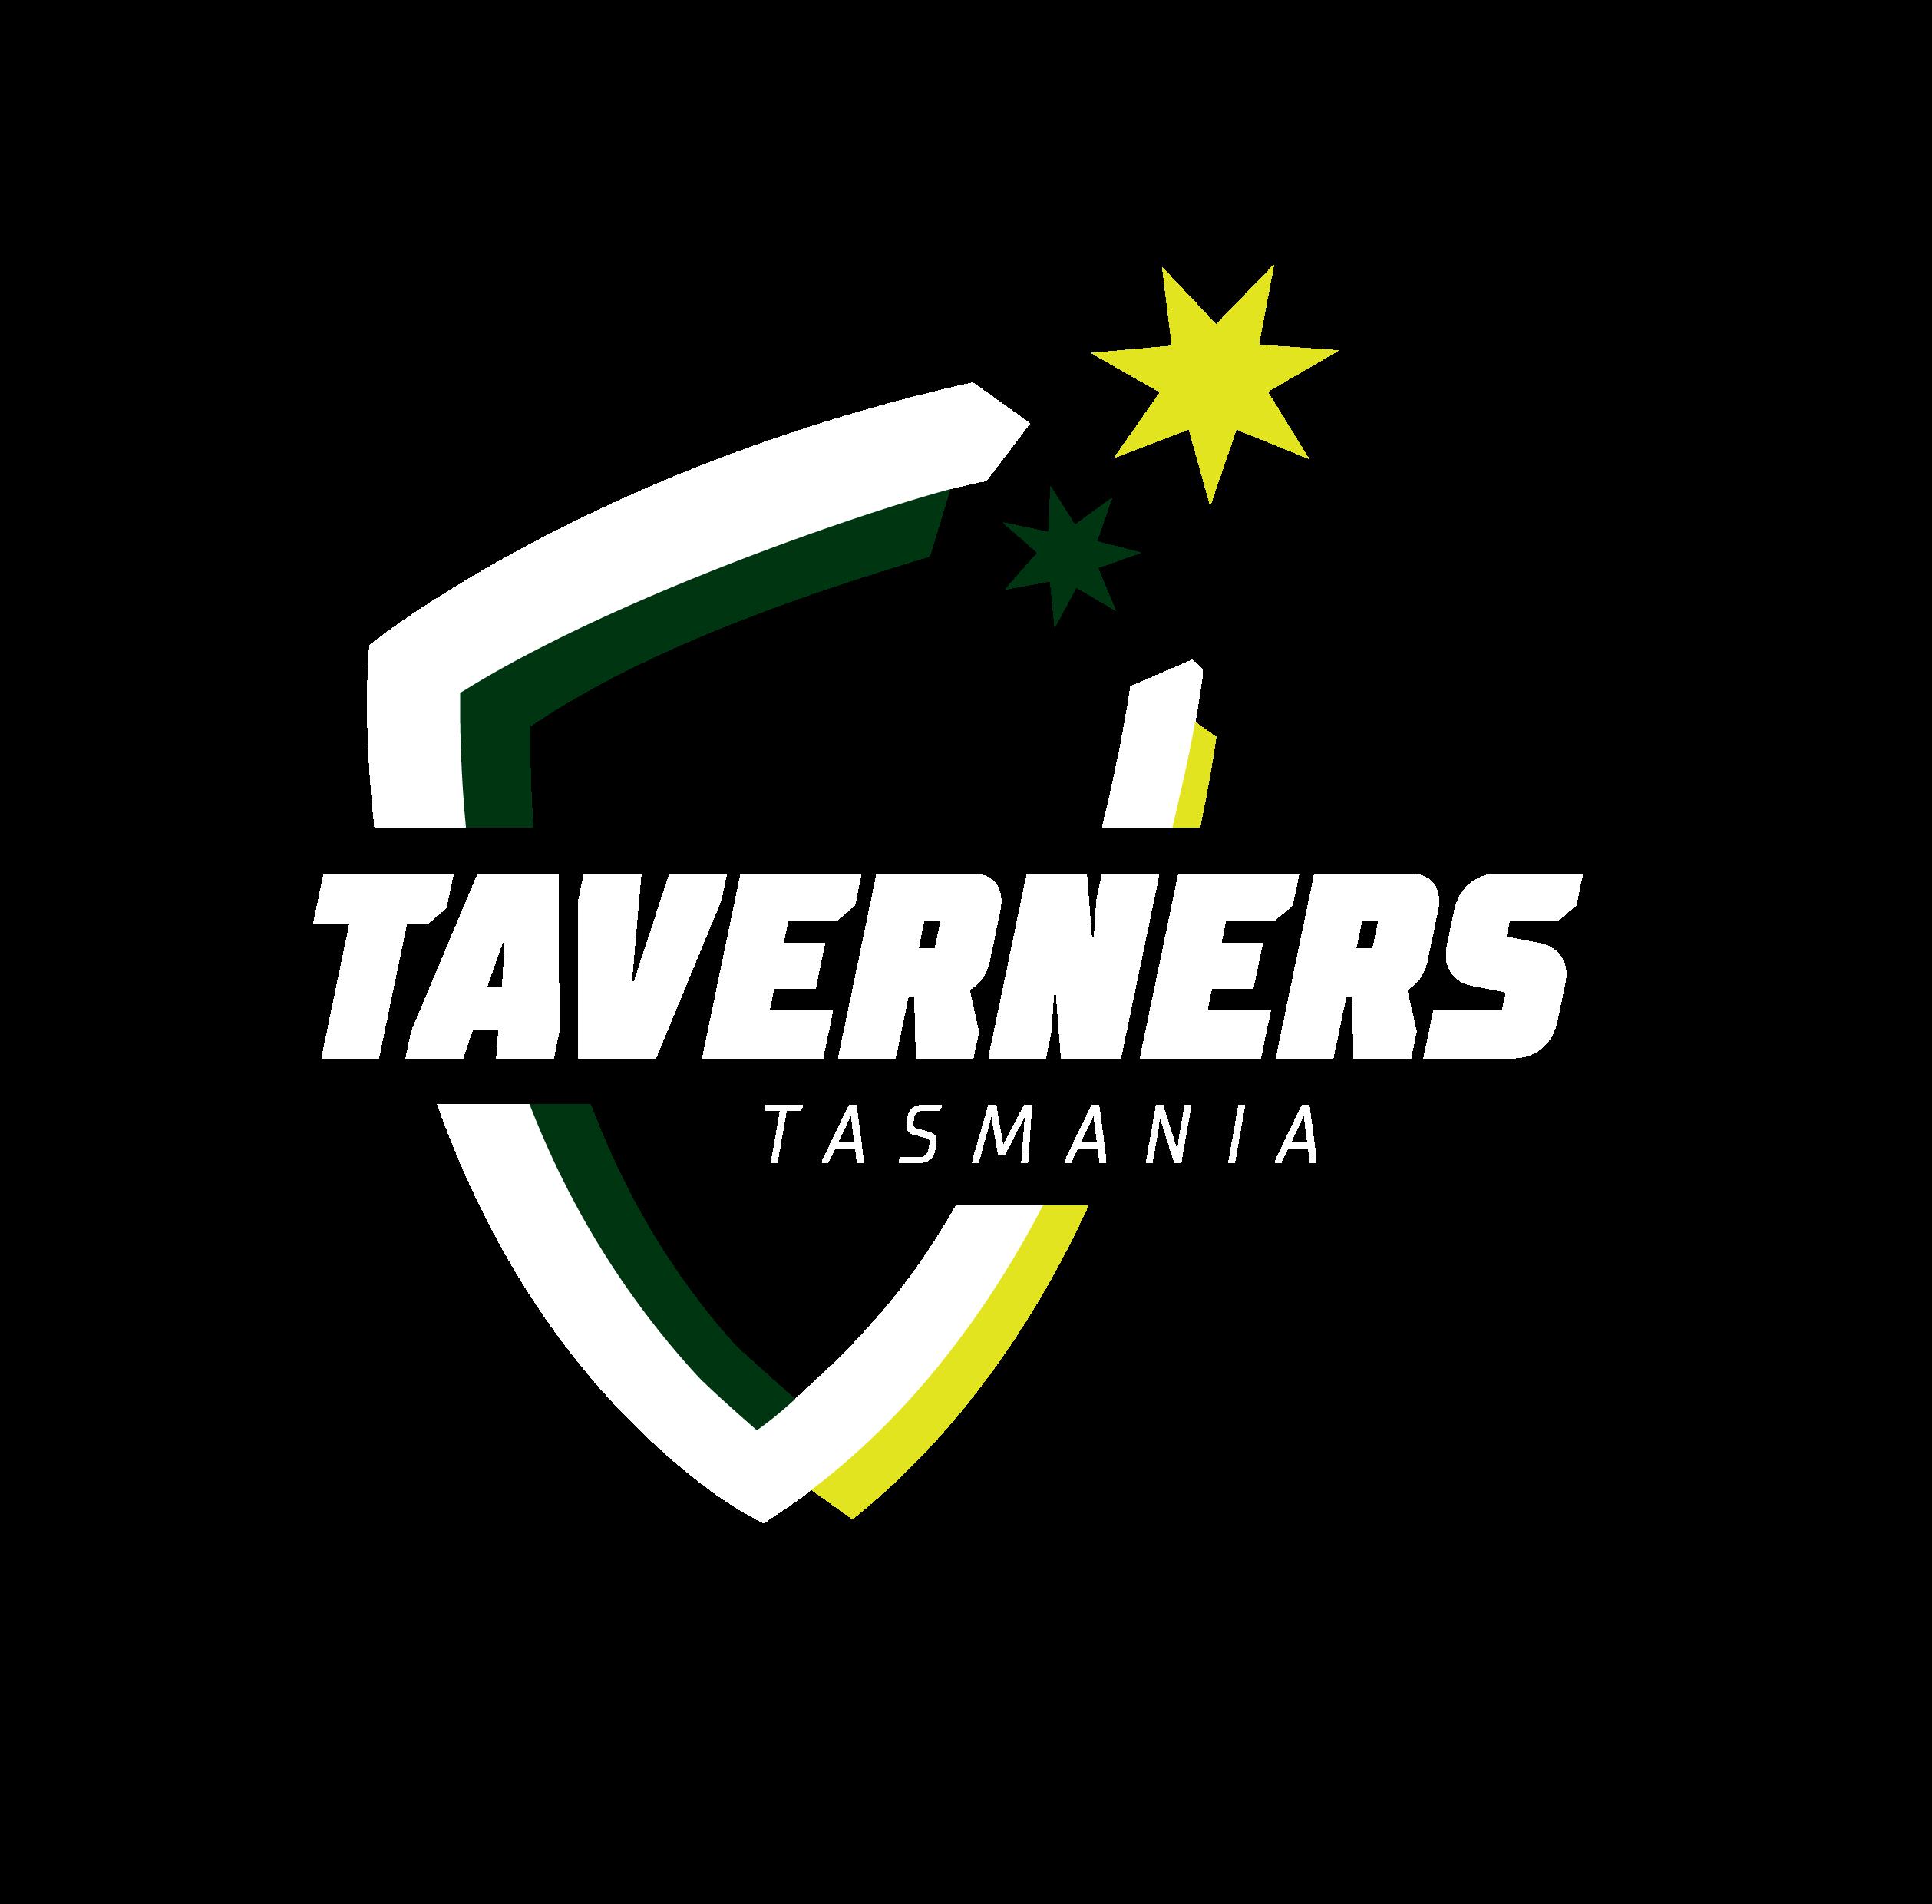 Lord's Taverners Tasmania